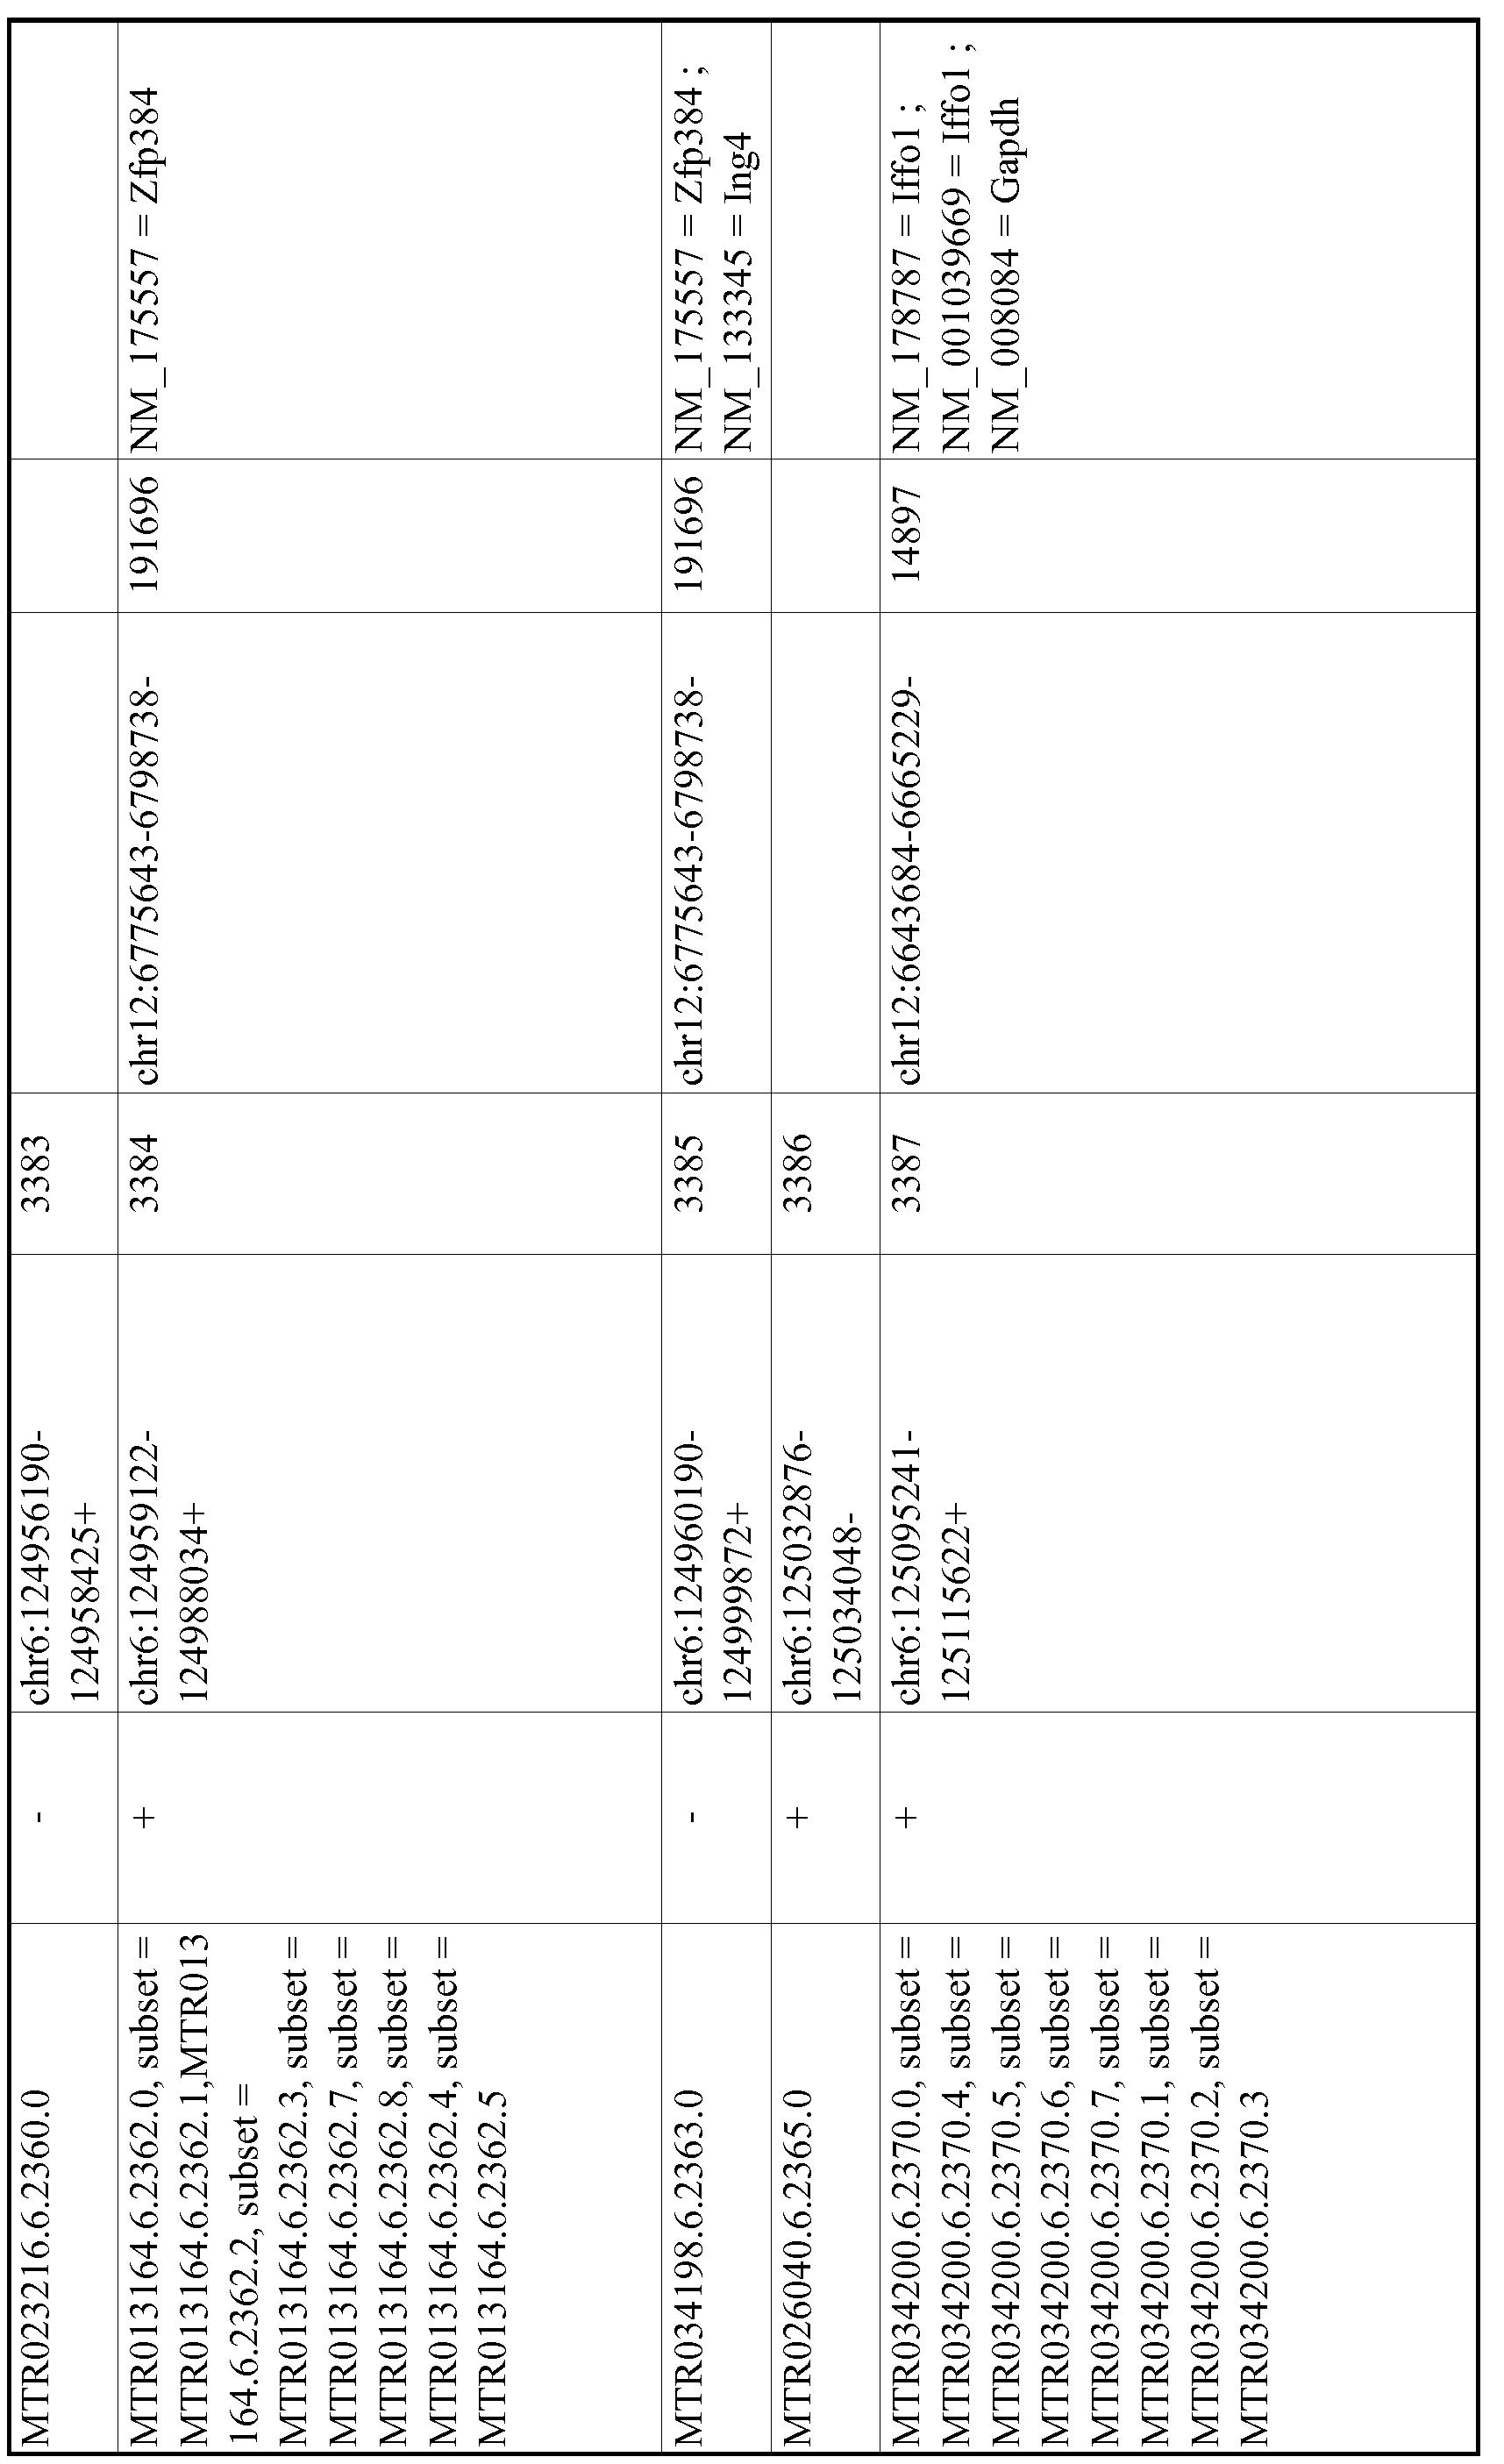 Figure imgf000670_0001